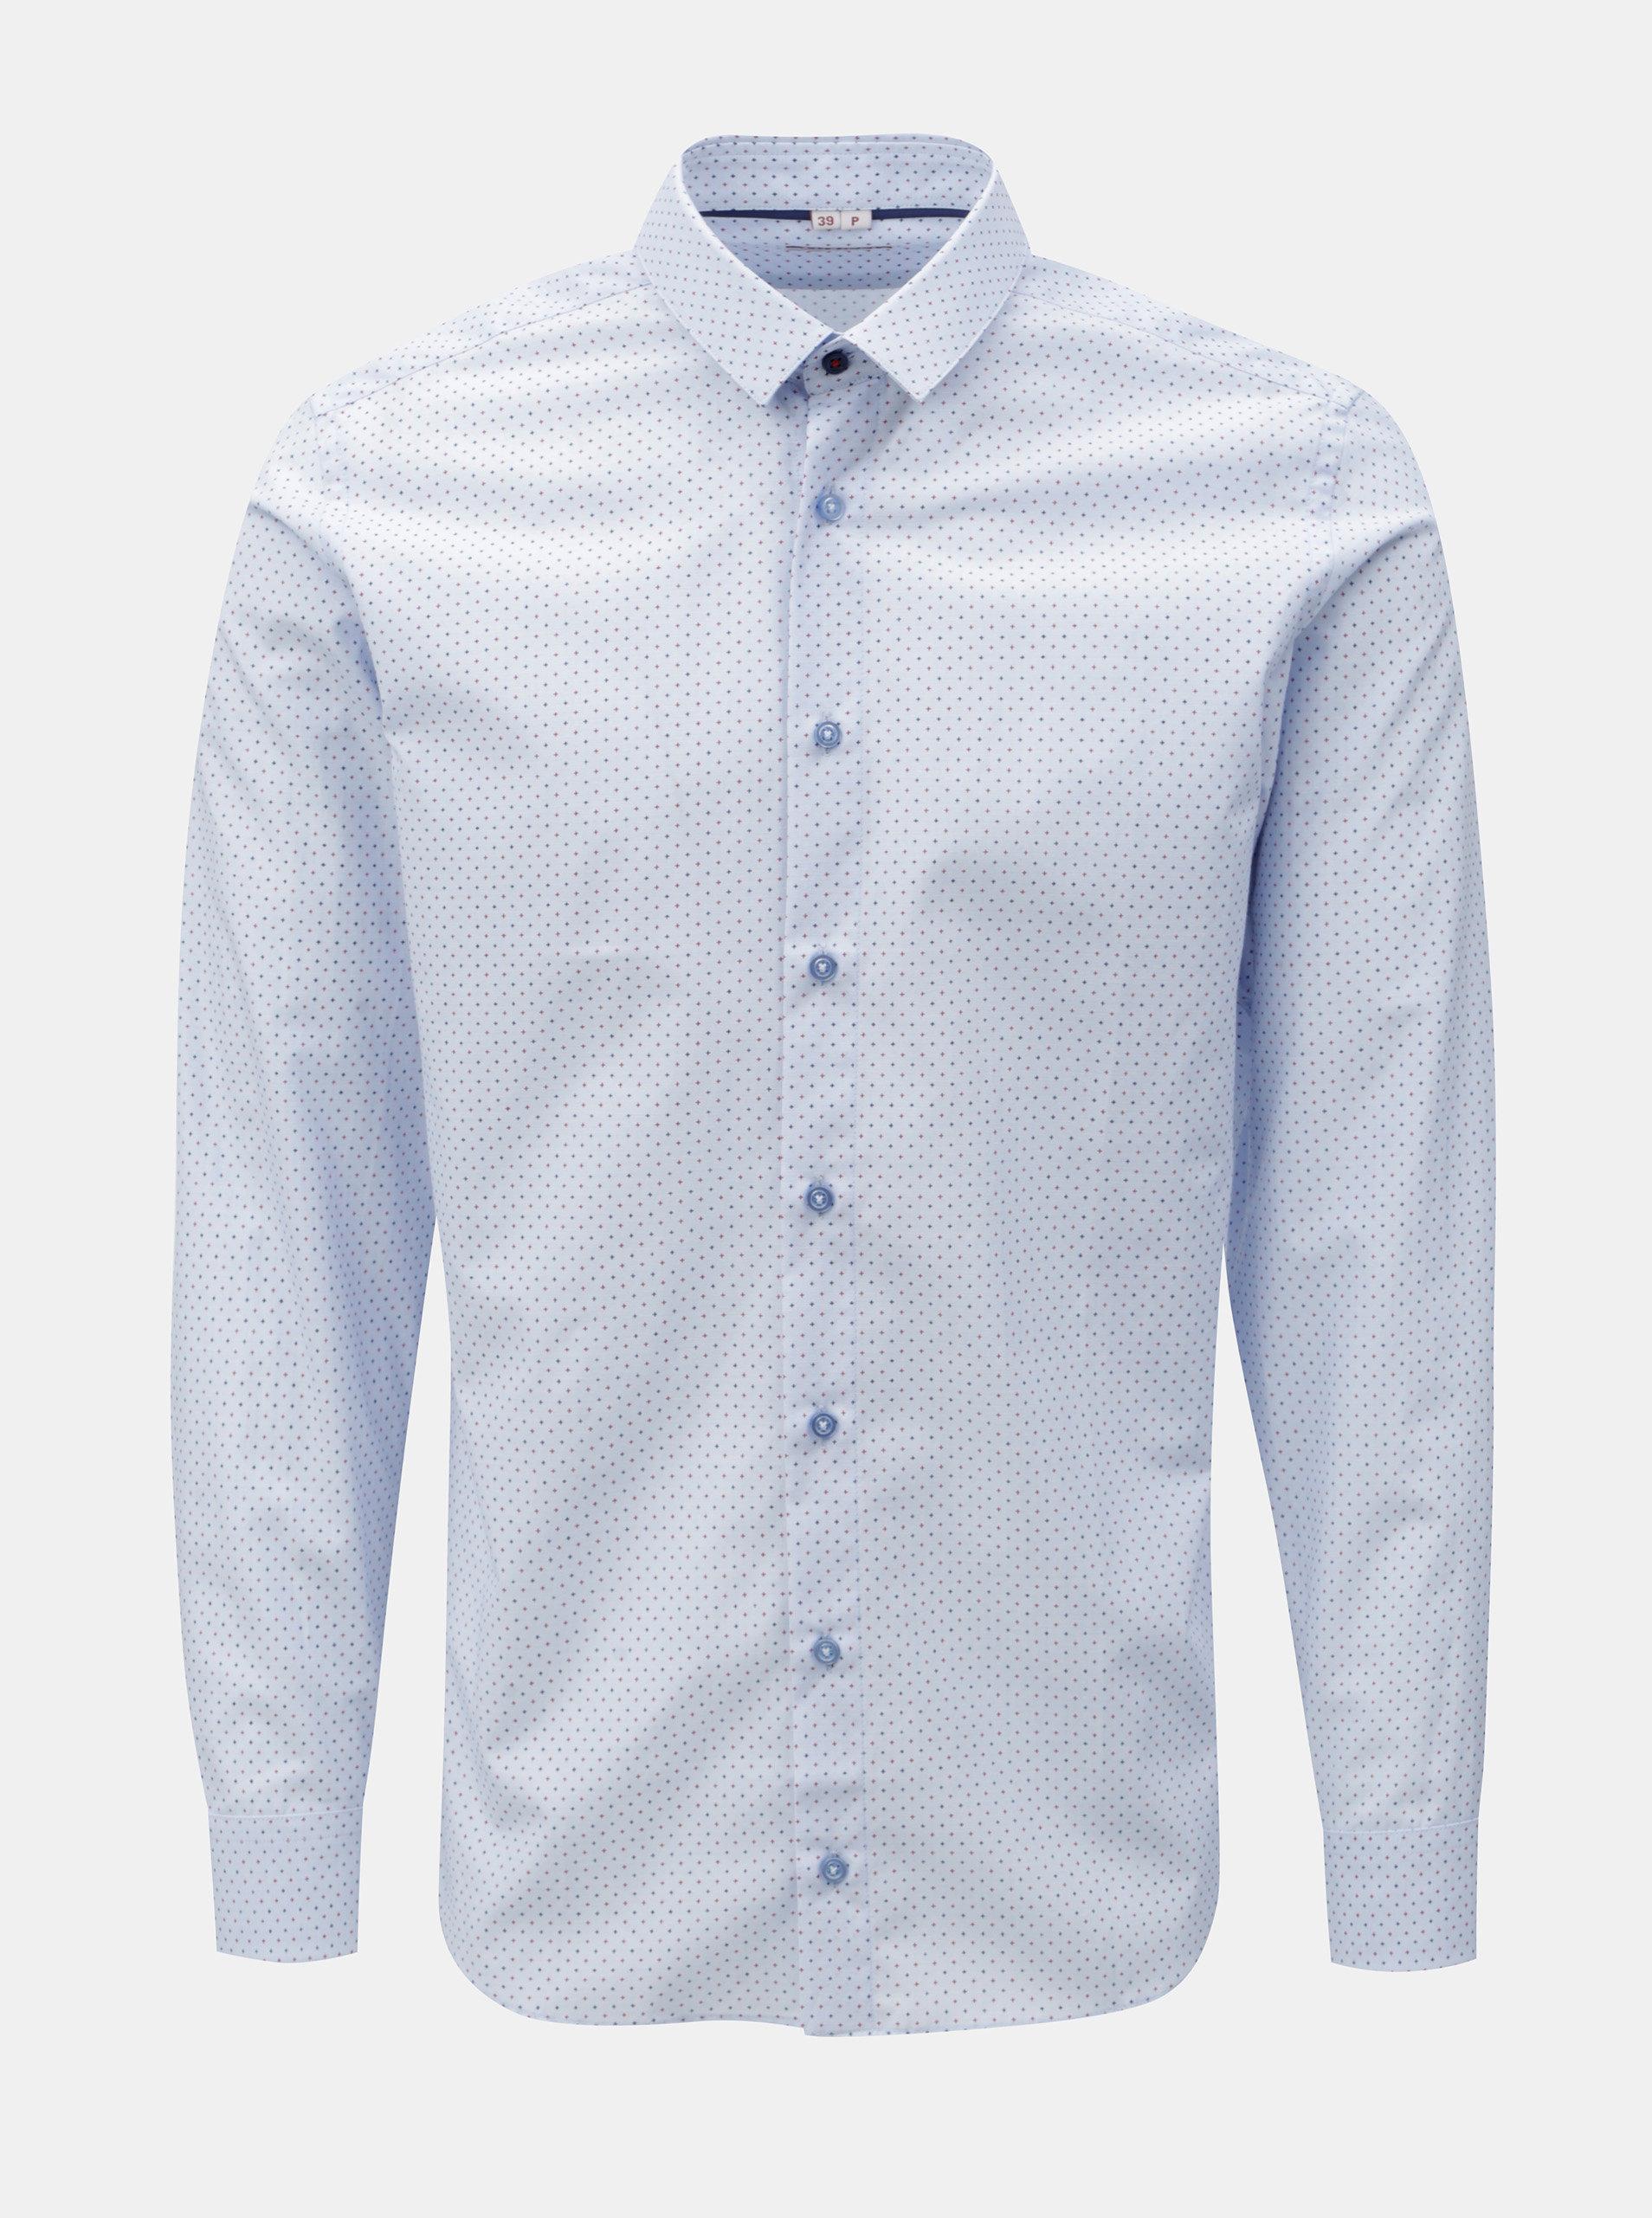 42cbfda6e39 Světle modrá pánská vzorovaná formální košile VAVI ...